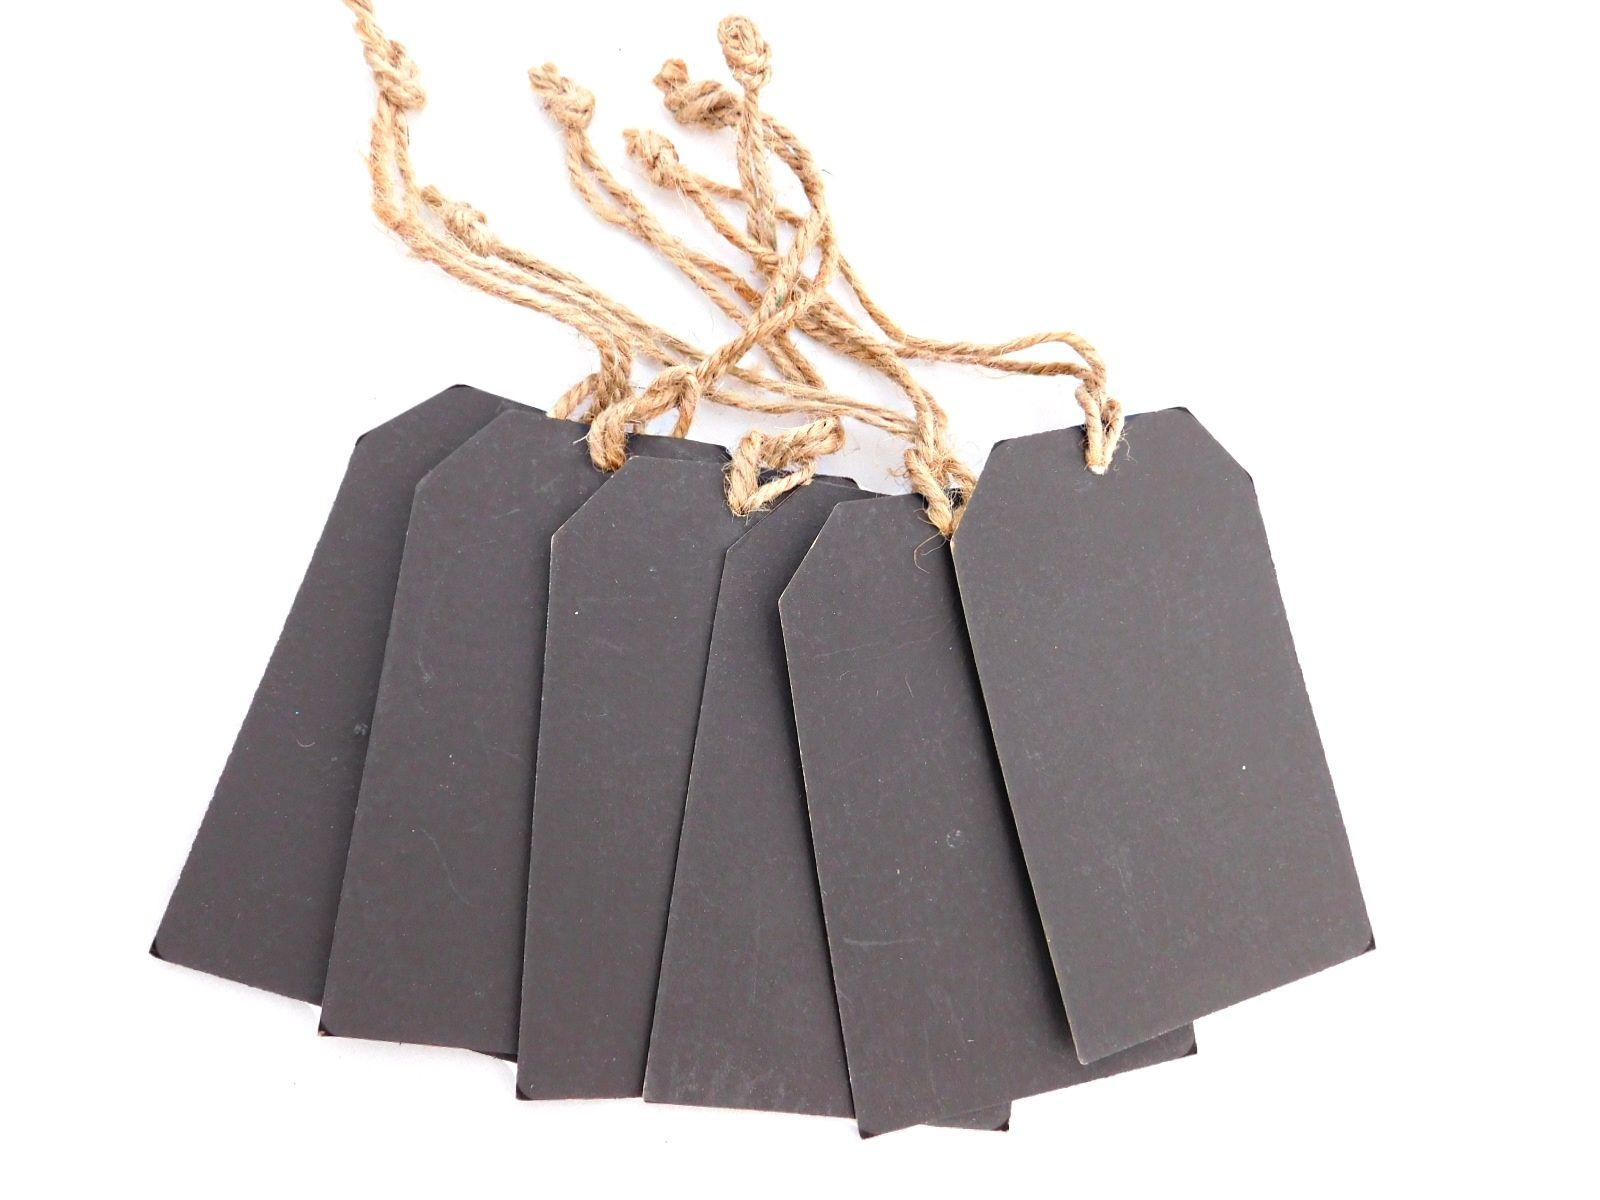 25 Stk Mini Tafel Schiefertafel Anhänger Hängeetiketten für Hochzeit Party